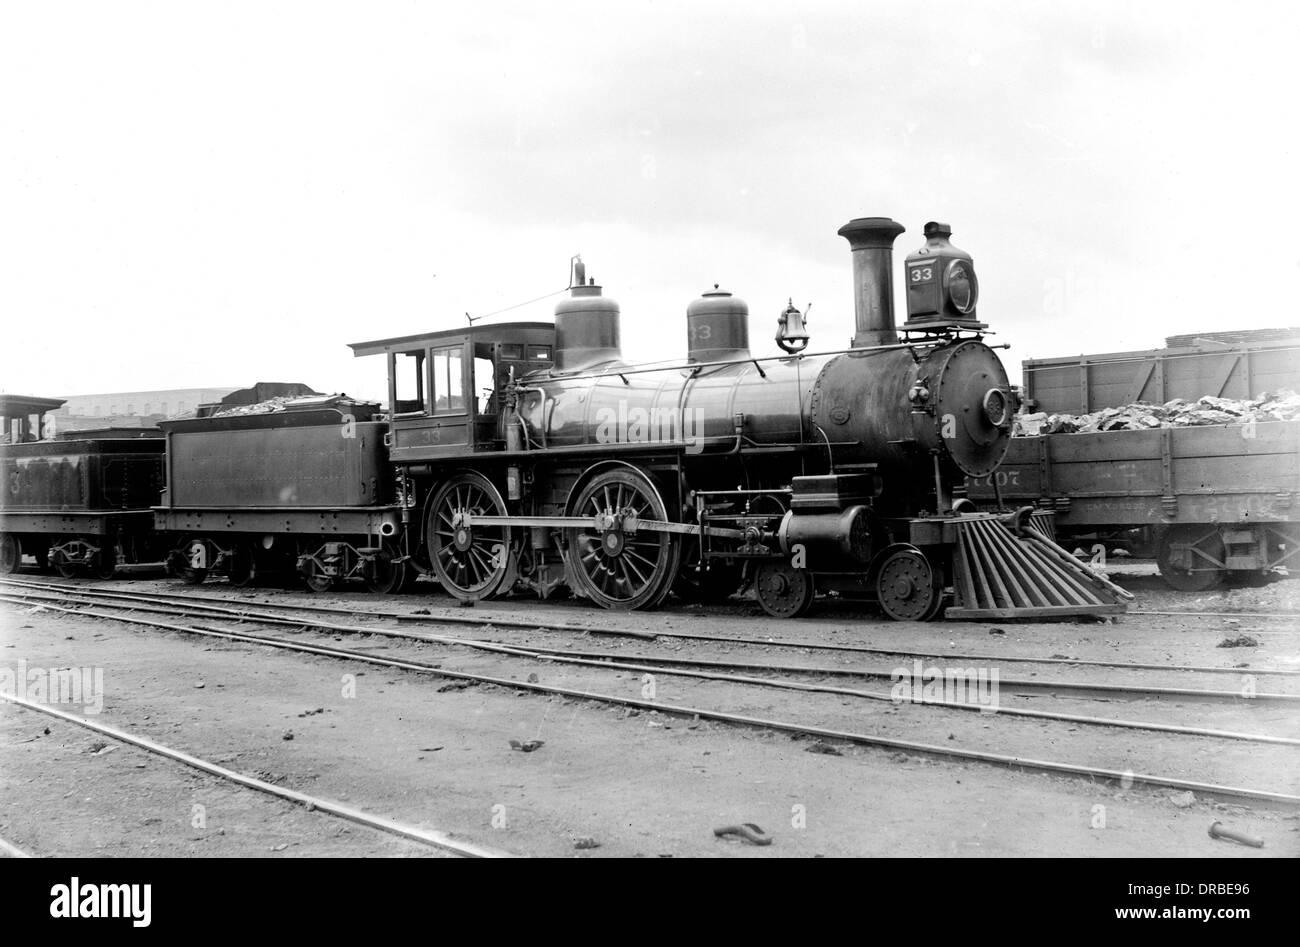 Louisville And Nashville Railroad Stock Photos & Louisville And ...